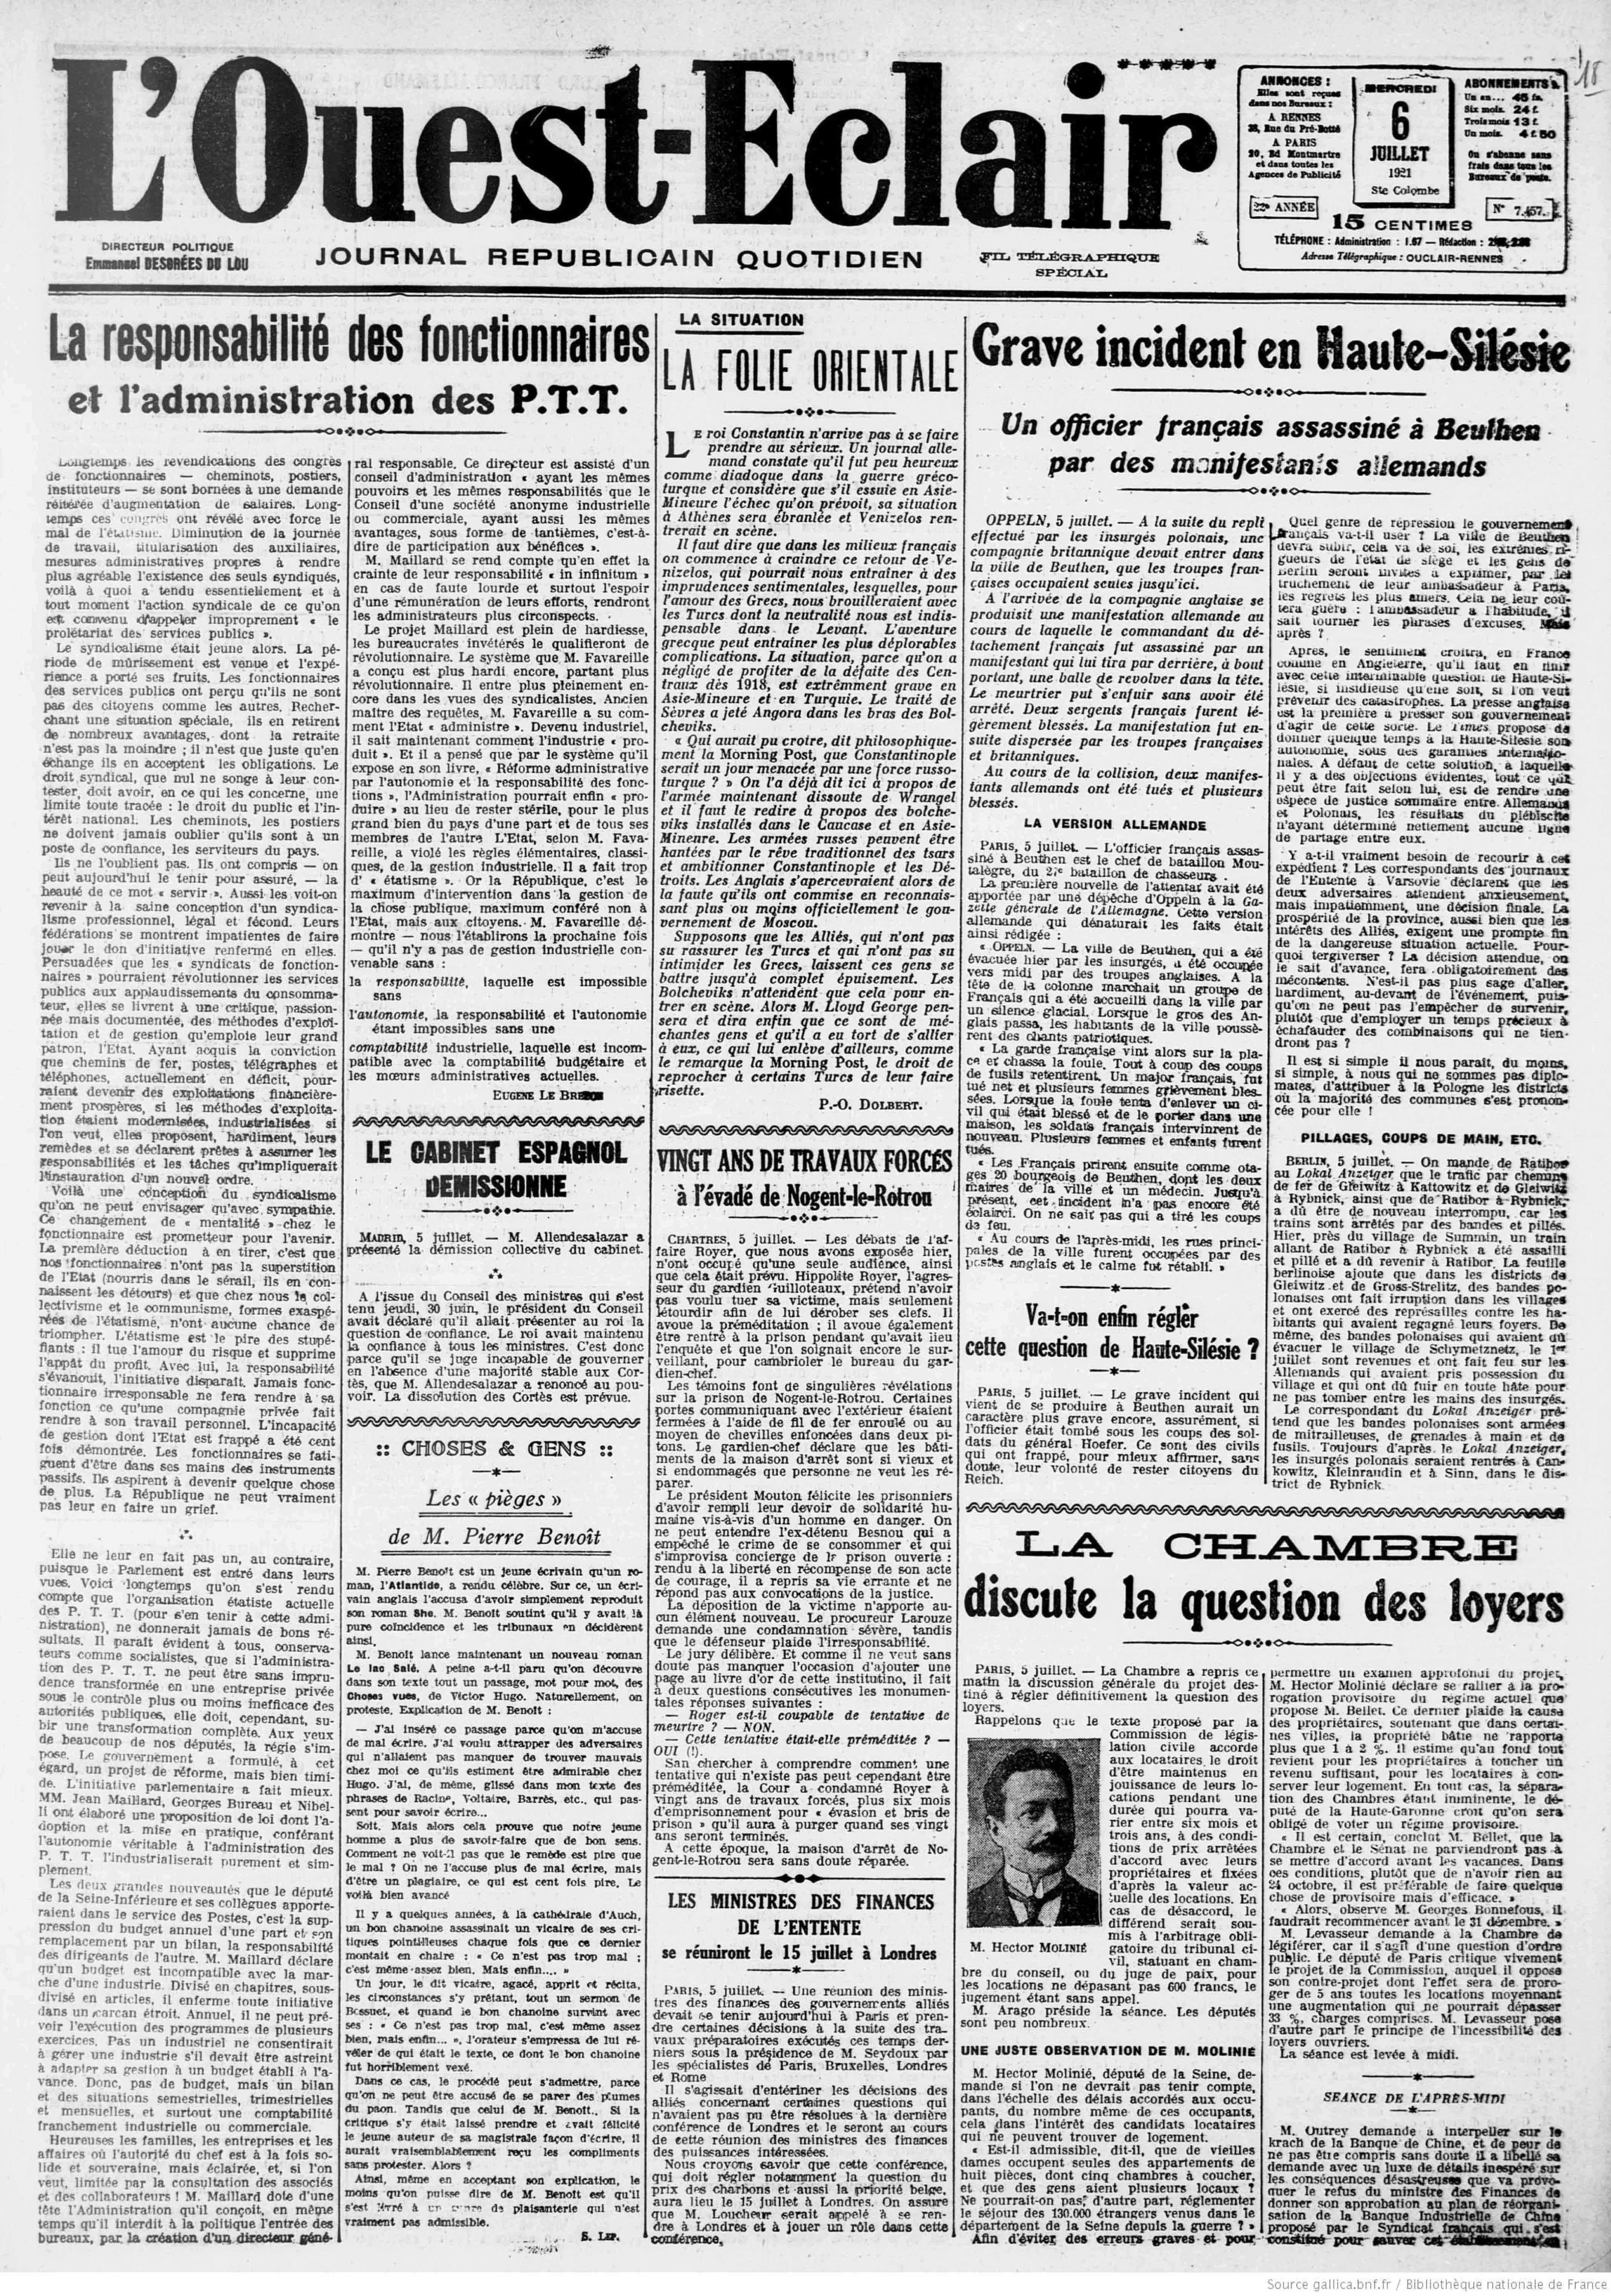 Articles de presse - L'Ouest-Eclair du 6 Juillet 1921 - La une